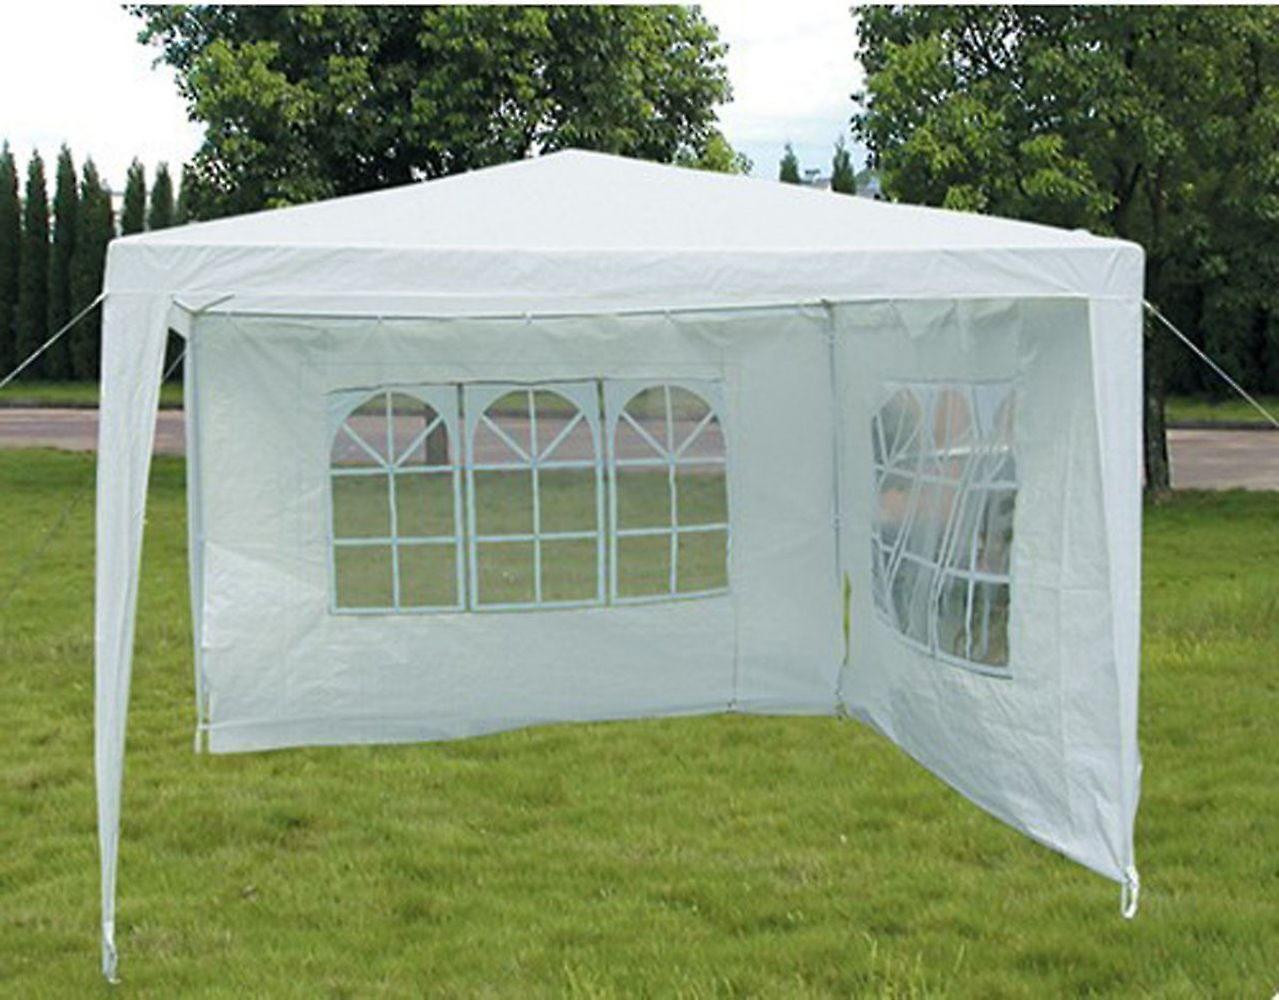 Slimbridge Hartsfield 3 x 3 metres gazebo with 2 sides, White